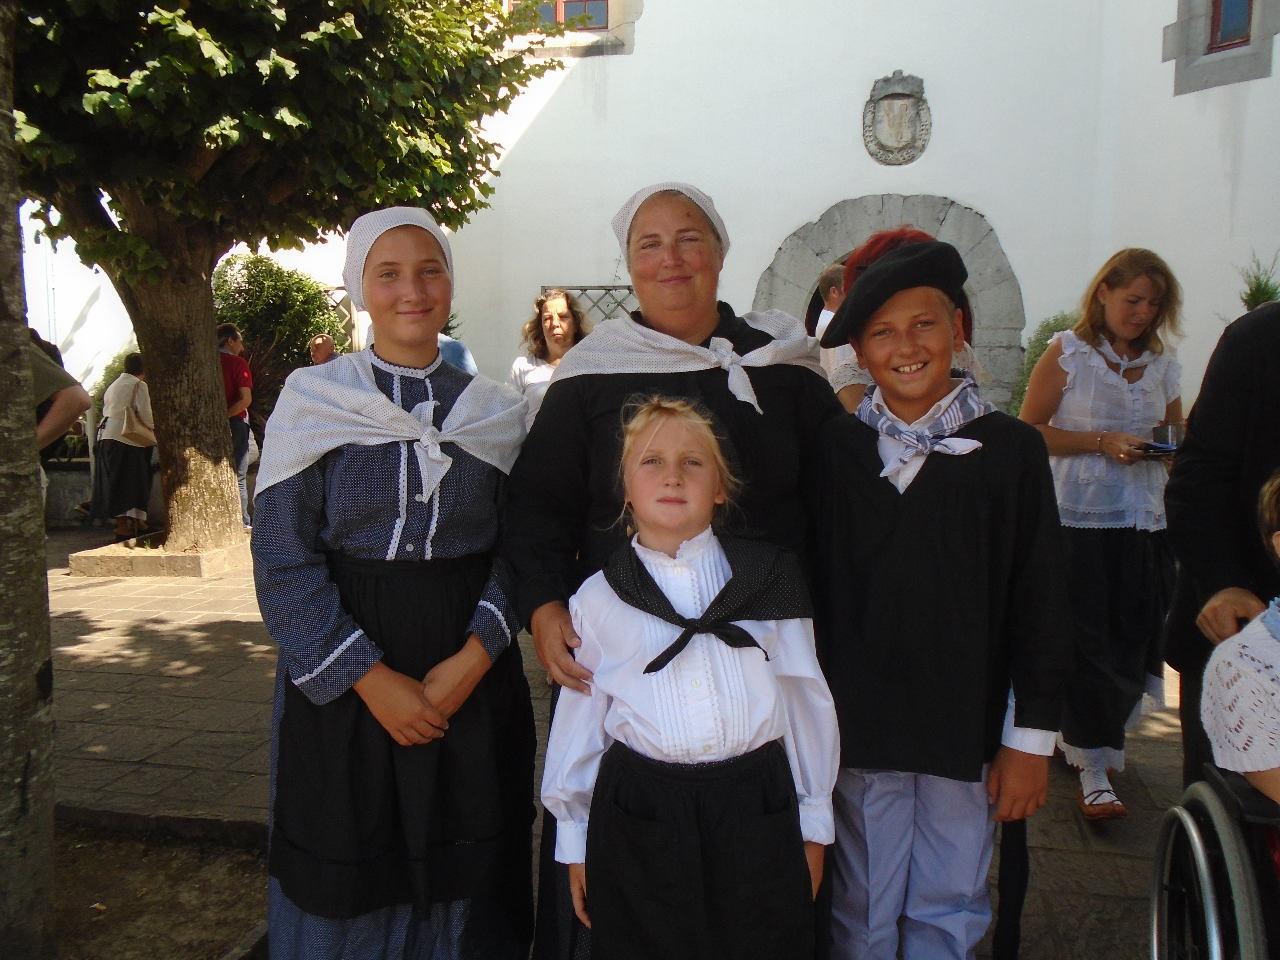 Après le service de l'autel pour la grande sœur et la procession des offrandes pour les plus jeunes, c'est la fête avec Maman et la famille